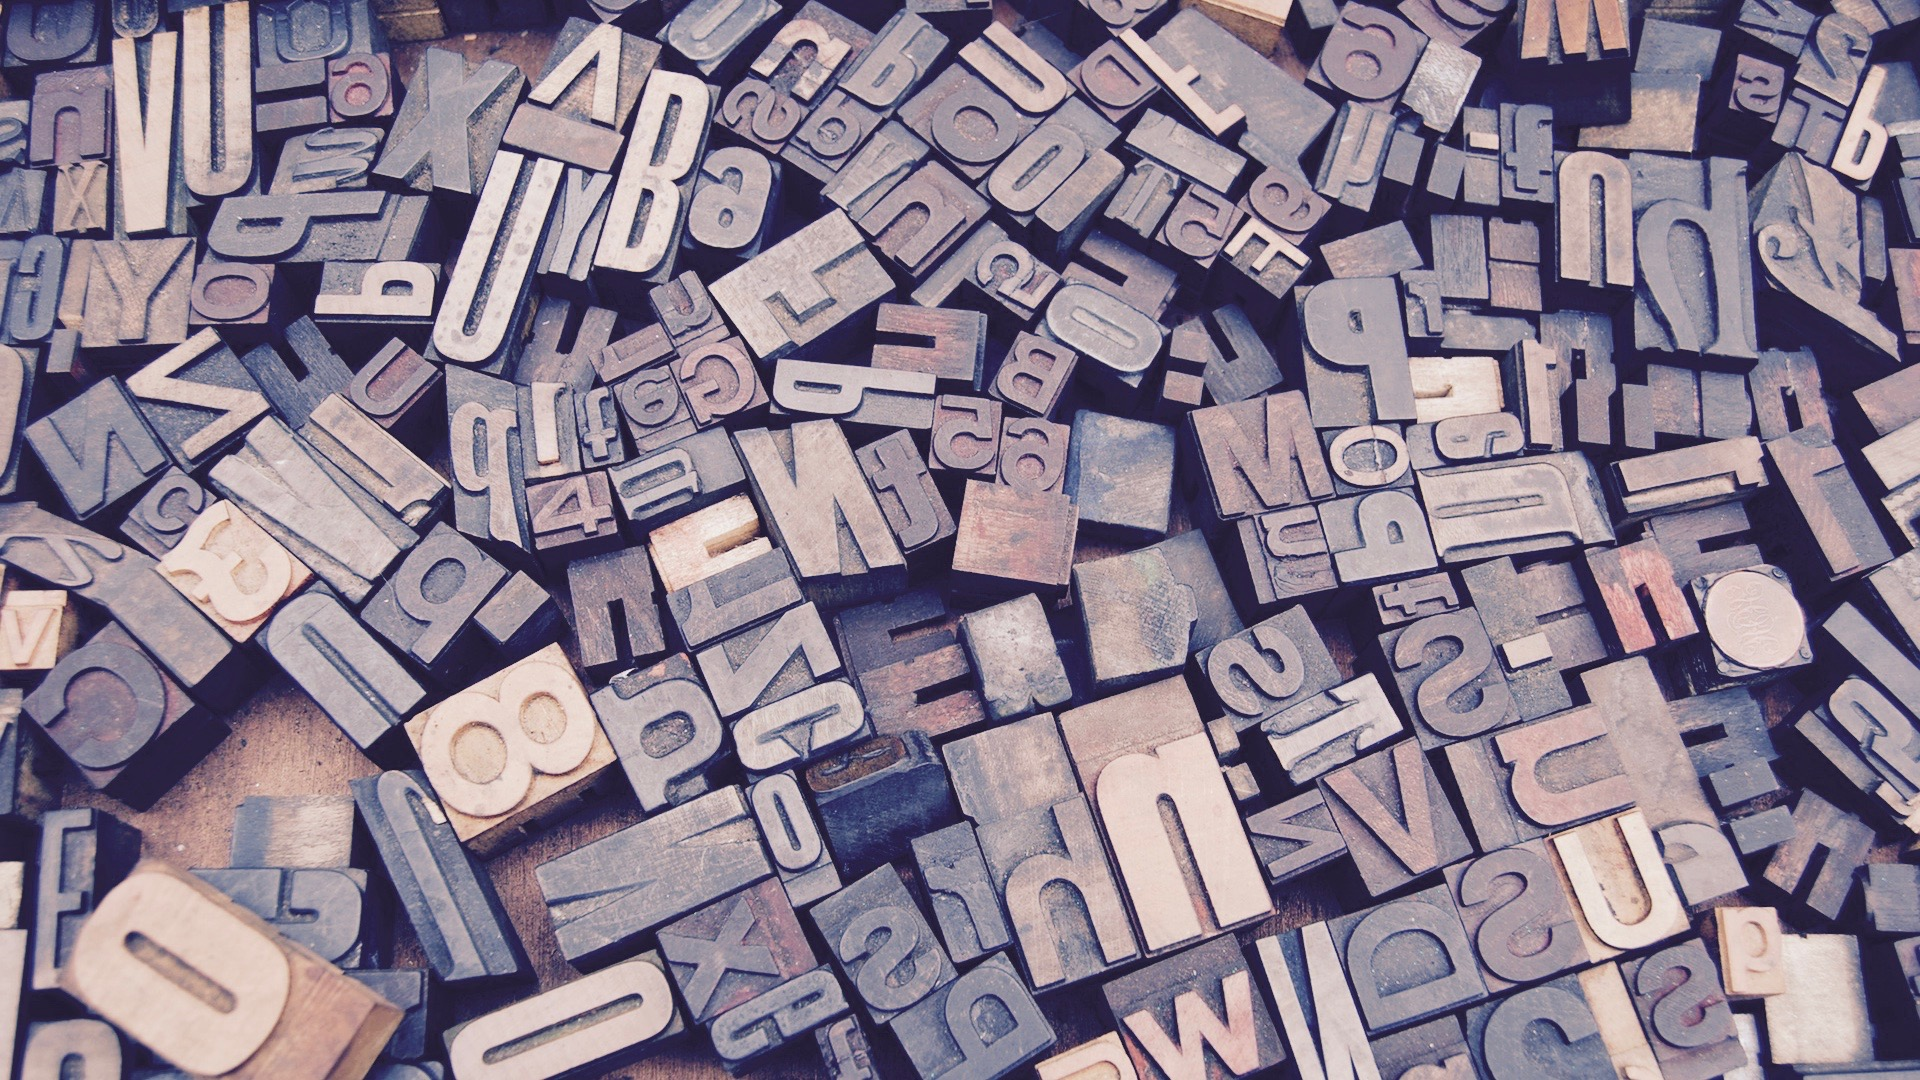 schrijven en typen